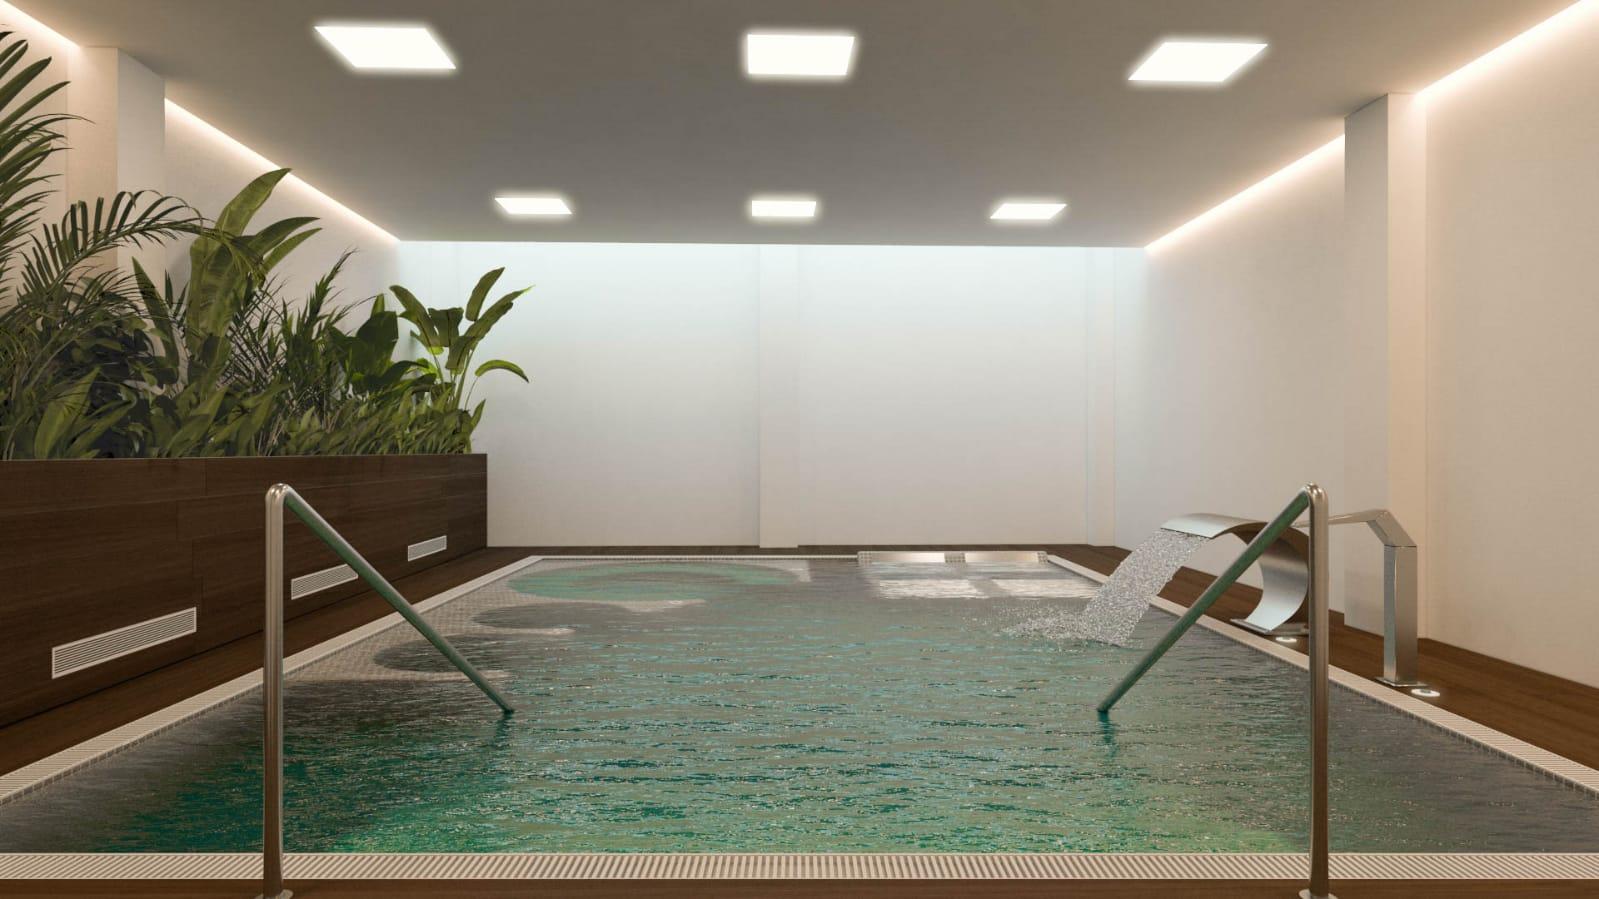 La planta hotelera de Ourense suma un cuatro estrellas con spa en pleno centro